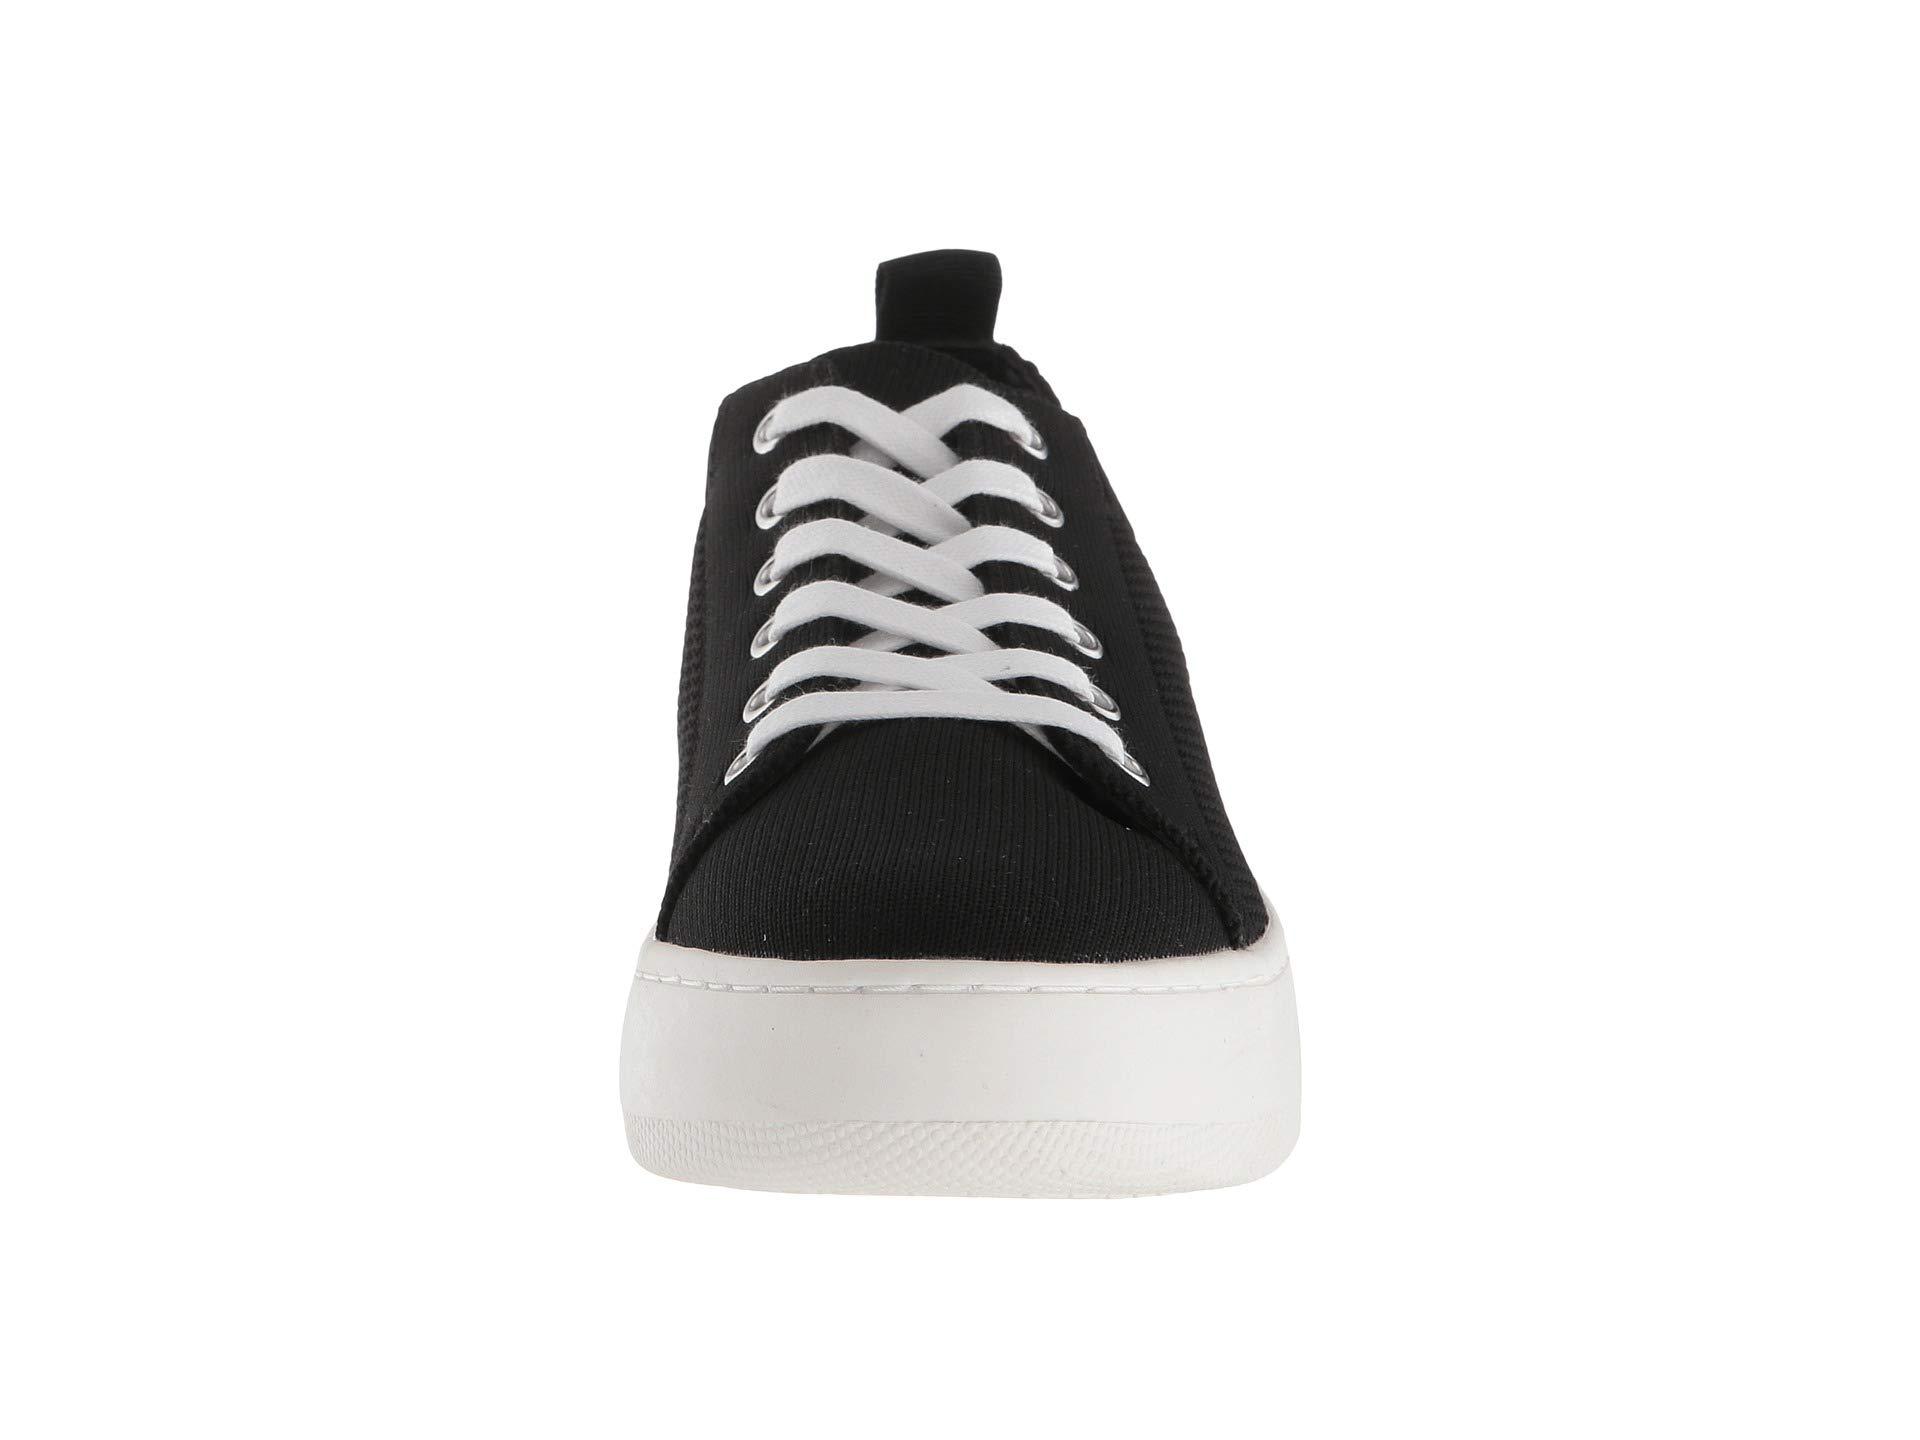 Sneaker Black Madden Black Black Steve Steve Sneaker Madden Bardo Steve Madden Sneaker Bardo Bardo qAOHtwO